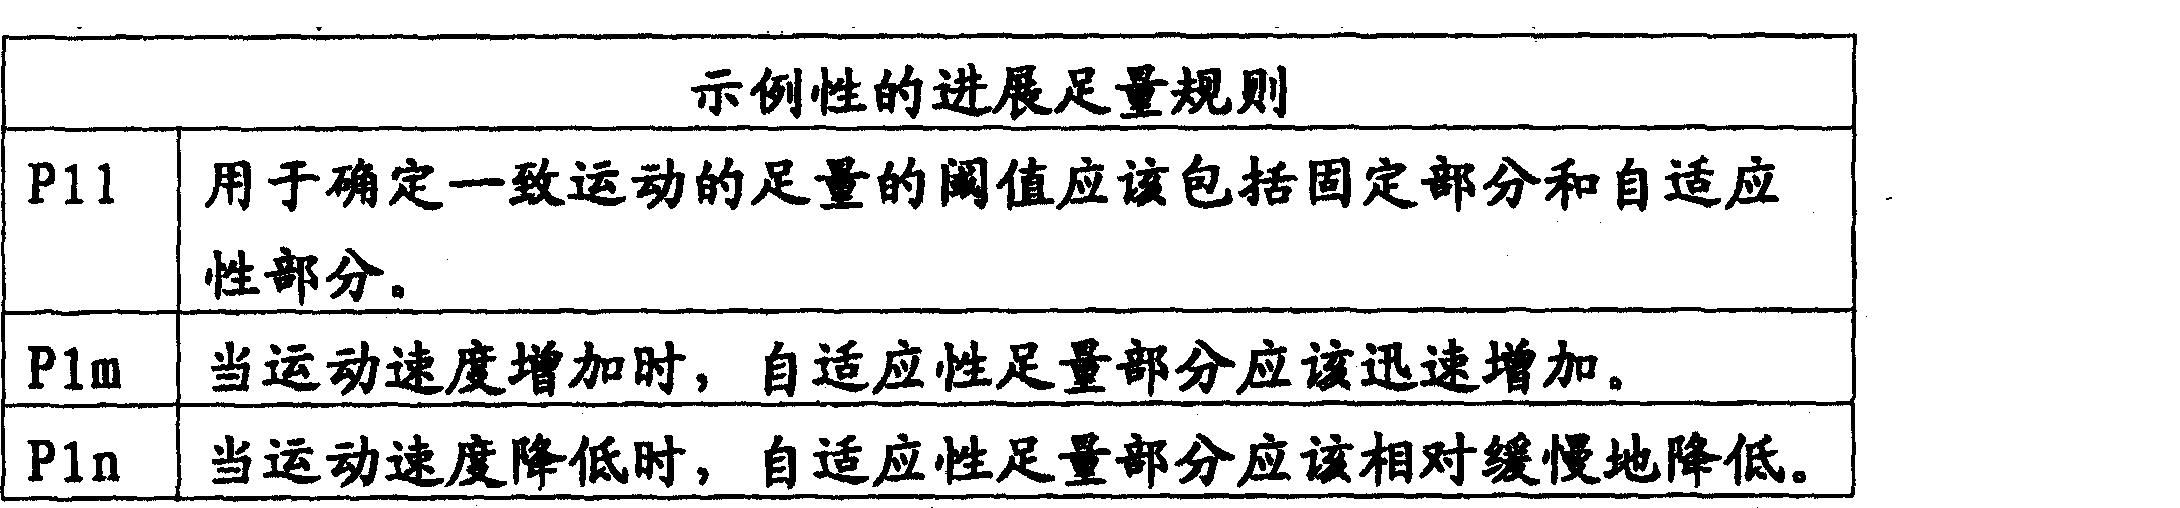 Figure CN101390034BD00212